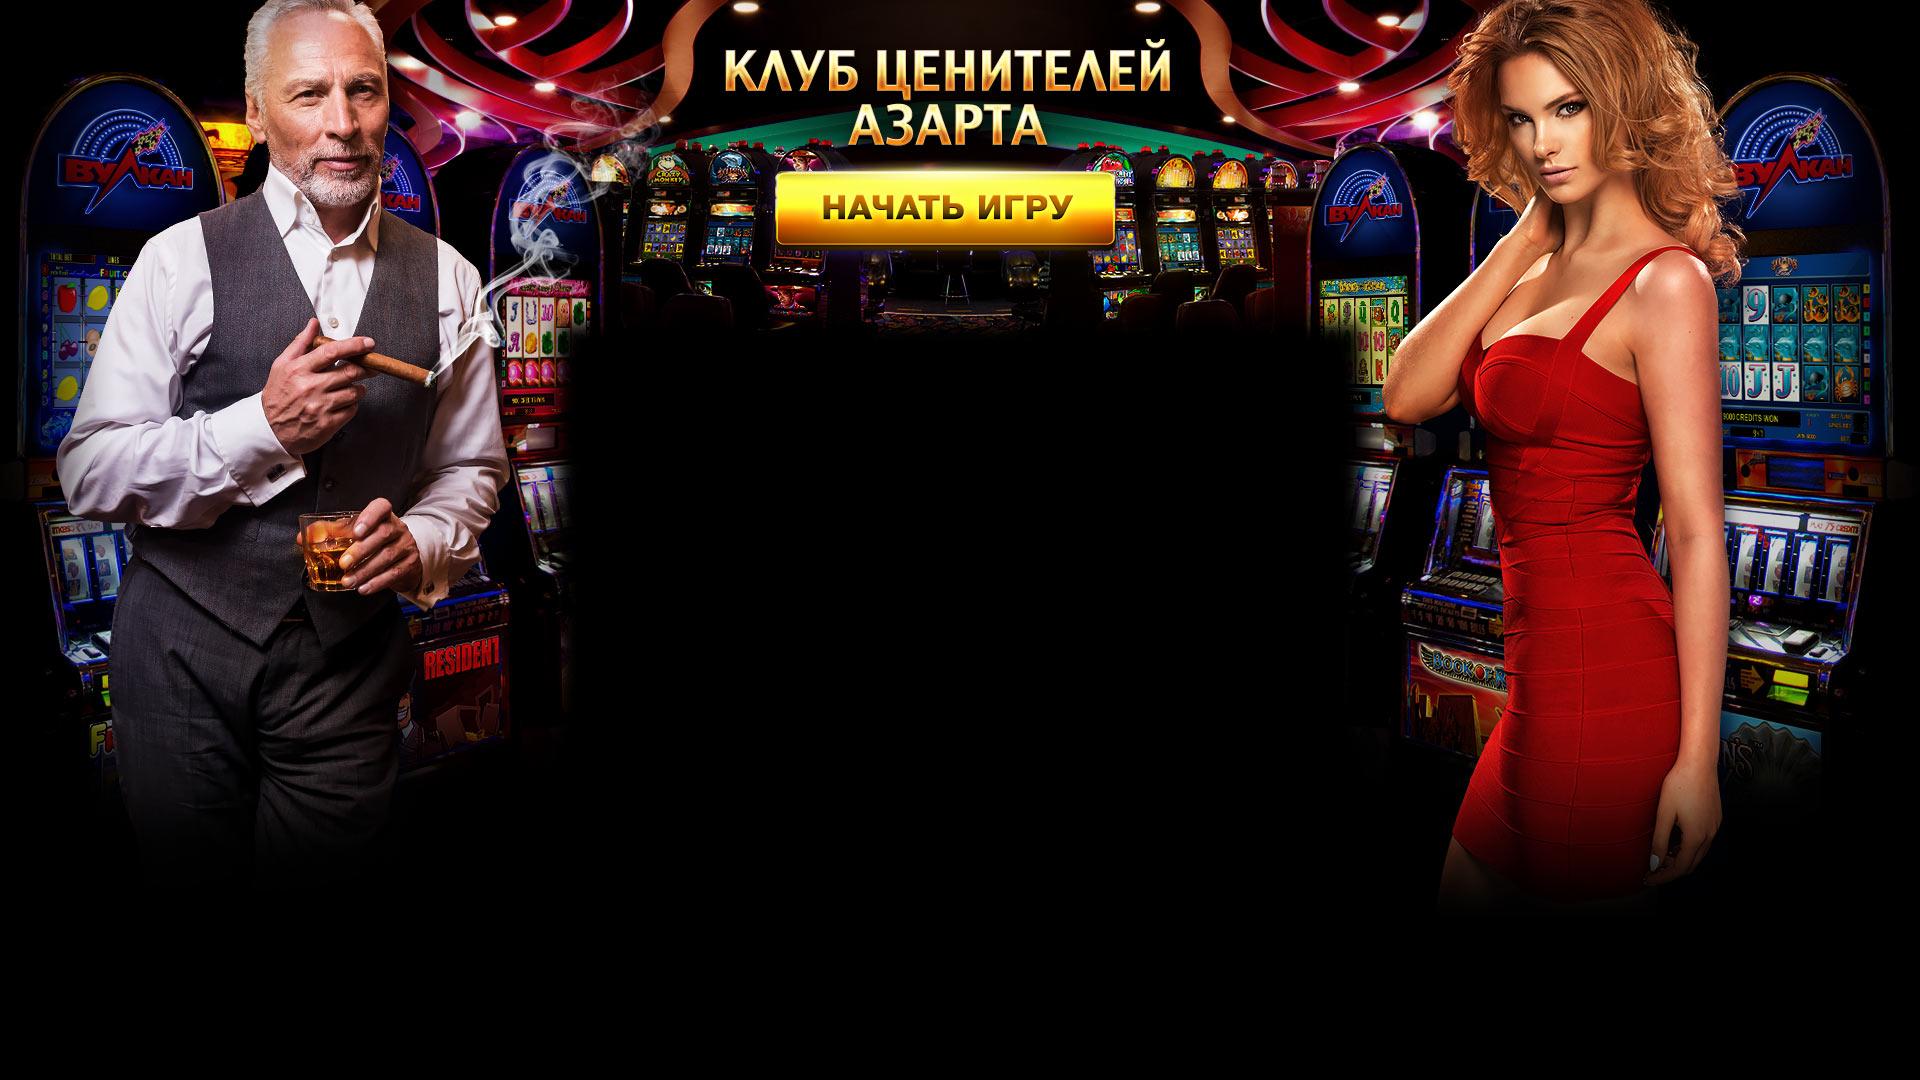 музыка для казино слушать онлайн